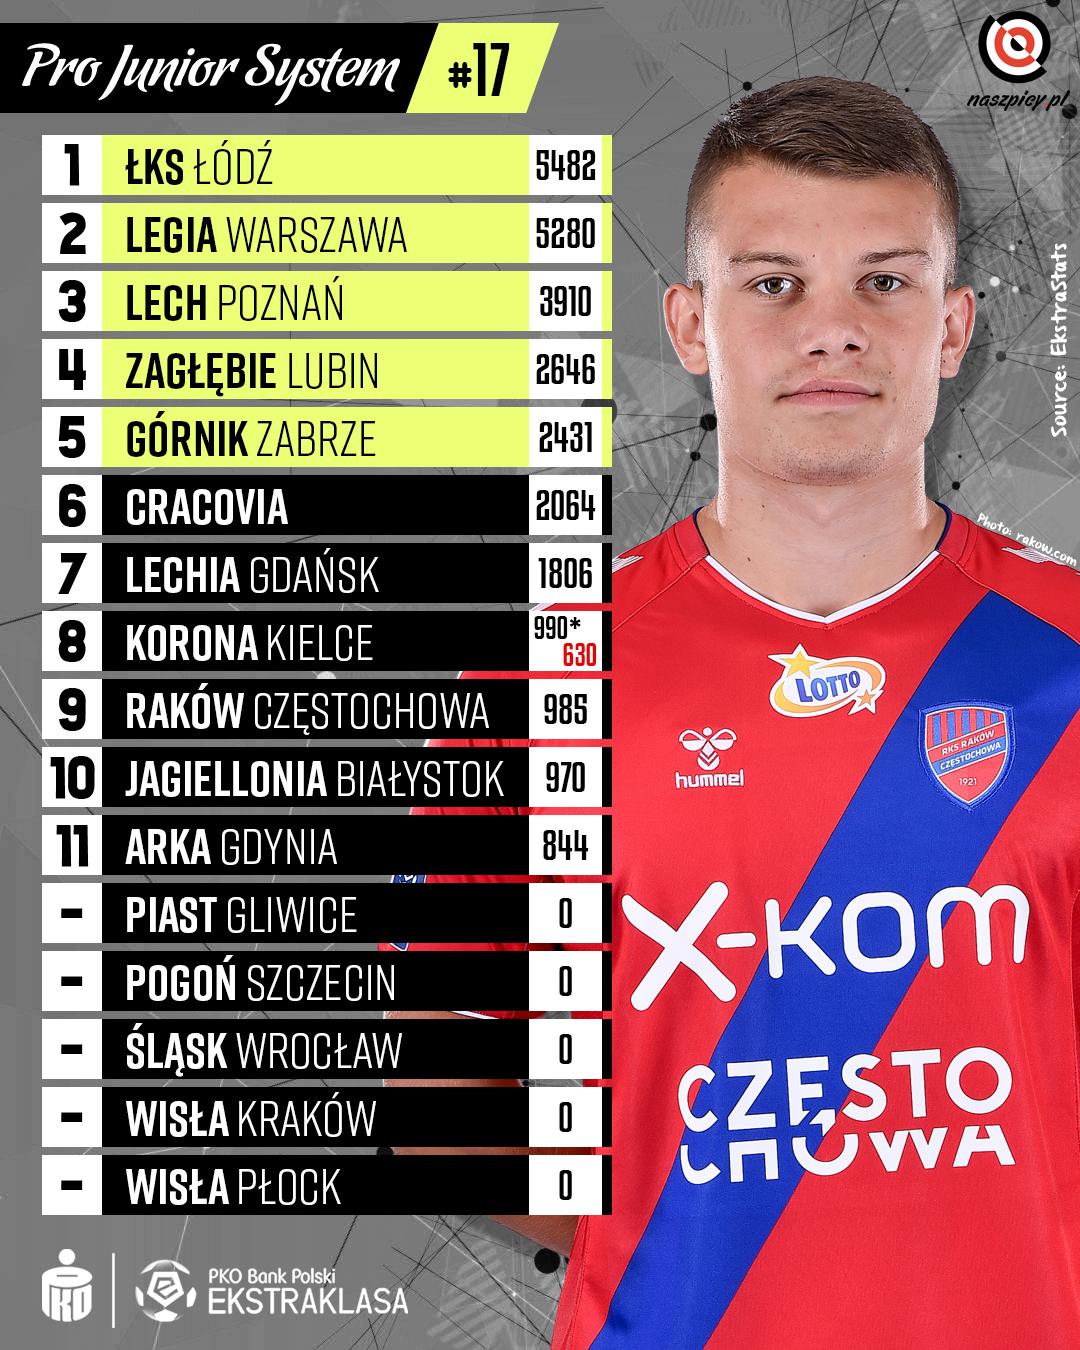 Punktacja Pro Junior System po 17. kolejce PKO Ekstraklasy<br><br>Źródło: Opracowanie własne na podstawie ekstrastats.pl<br><br>fot. Raków Częstochowa / rakow.com<br><br>graf. Bartosz Urban